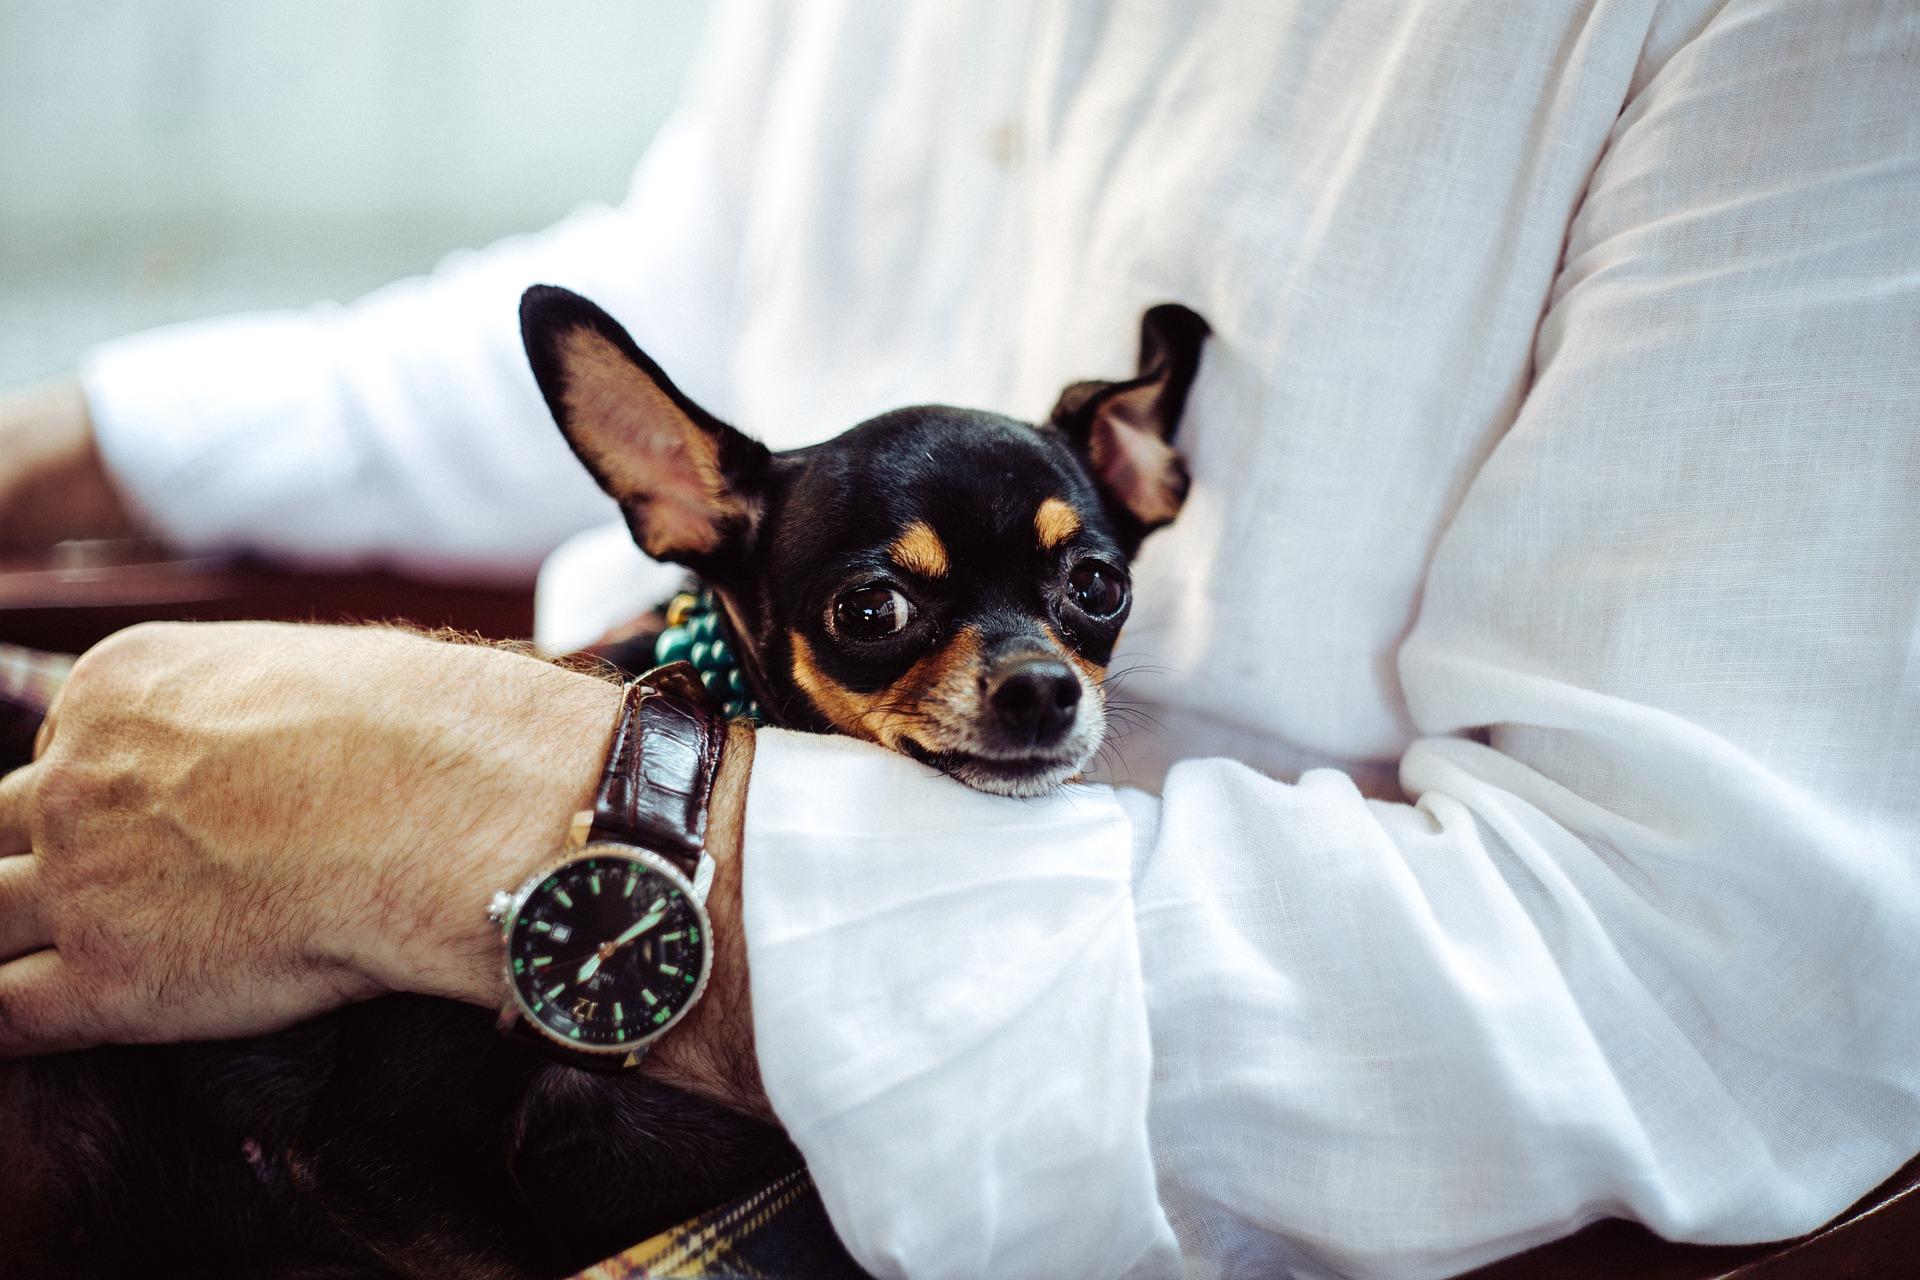 Wie misst man die Temperatur eines Hundes? Was ist die richtige Körpertemperatur für einen Hund?